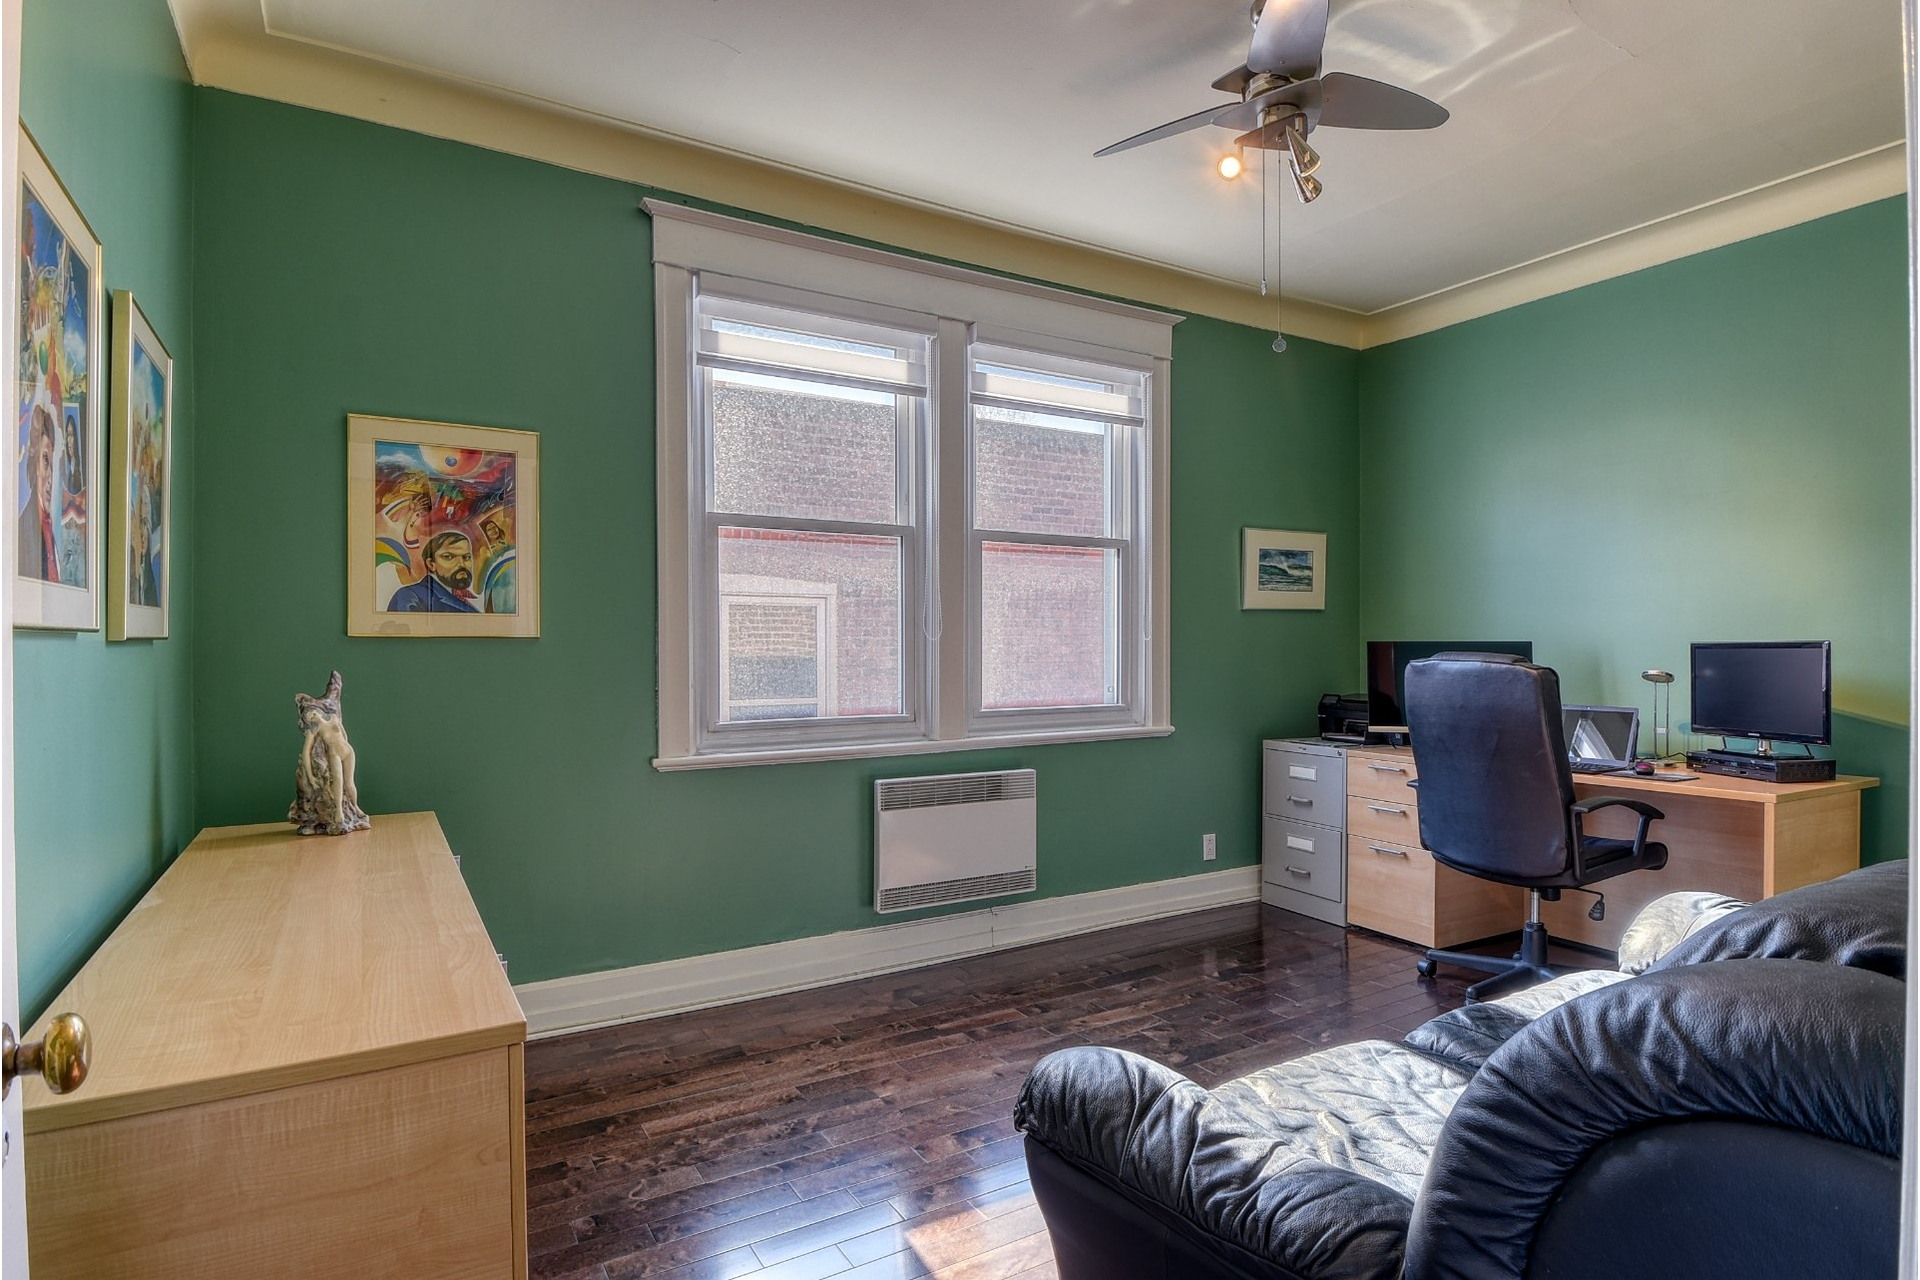 image 14 - Apartment For sale Côte-des-Neiges/Notre-Dame-de-Grâce Montréal  - 7 rooms